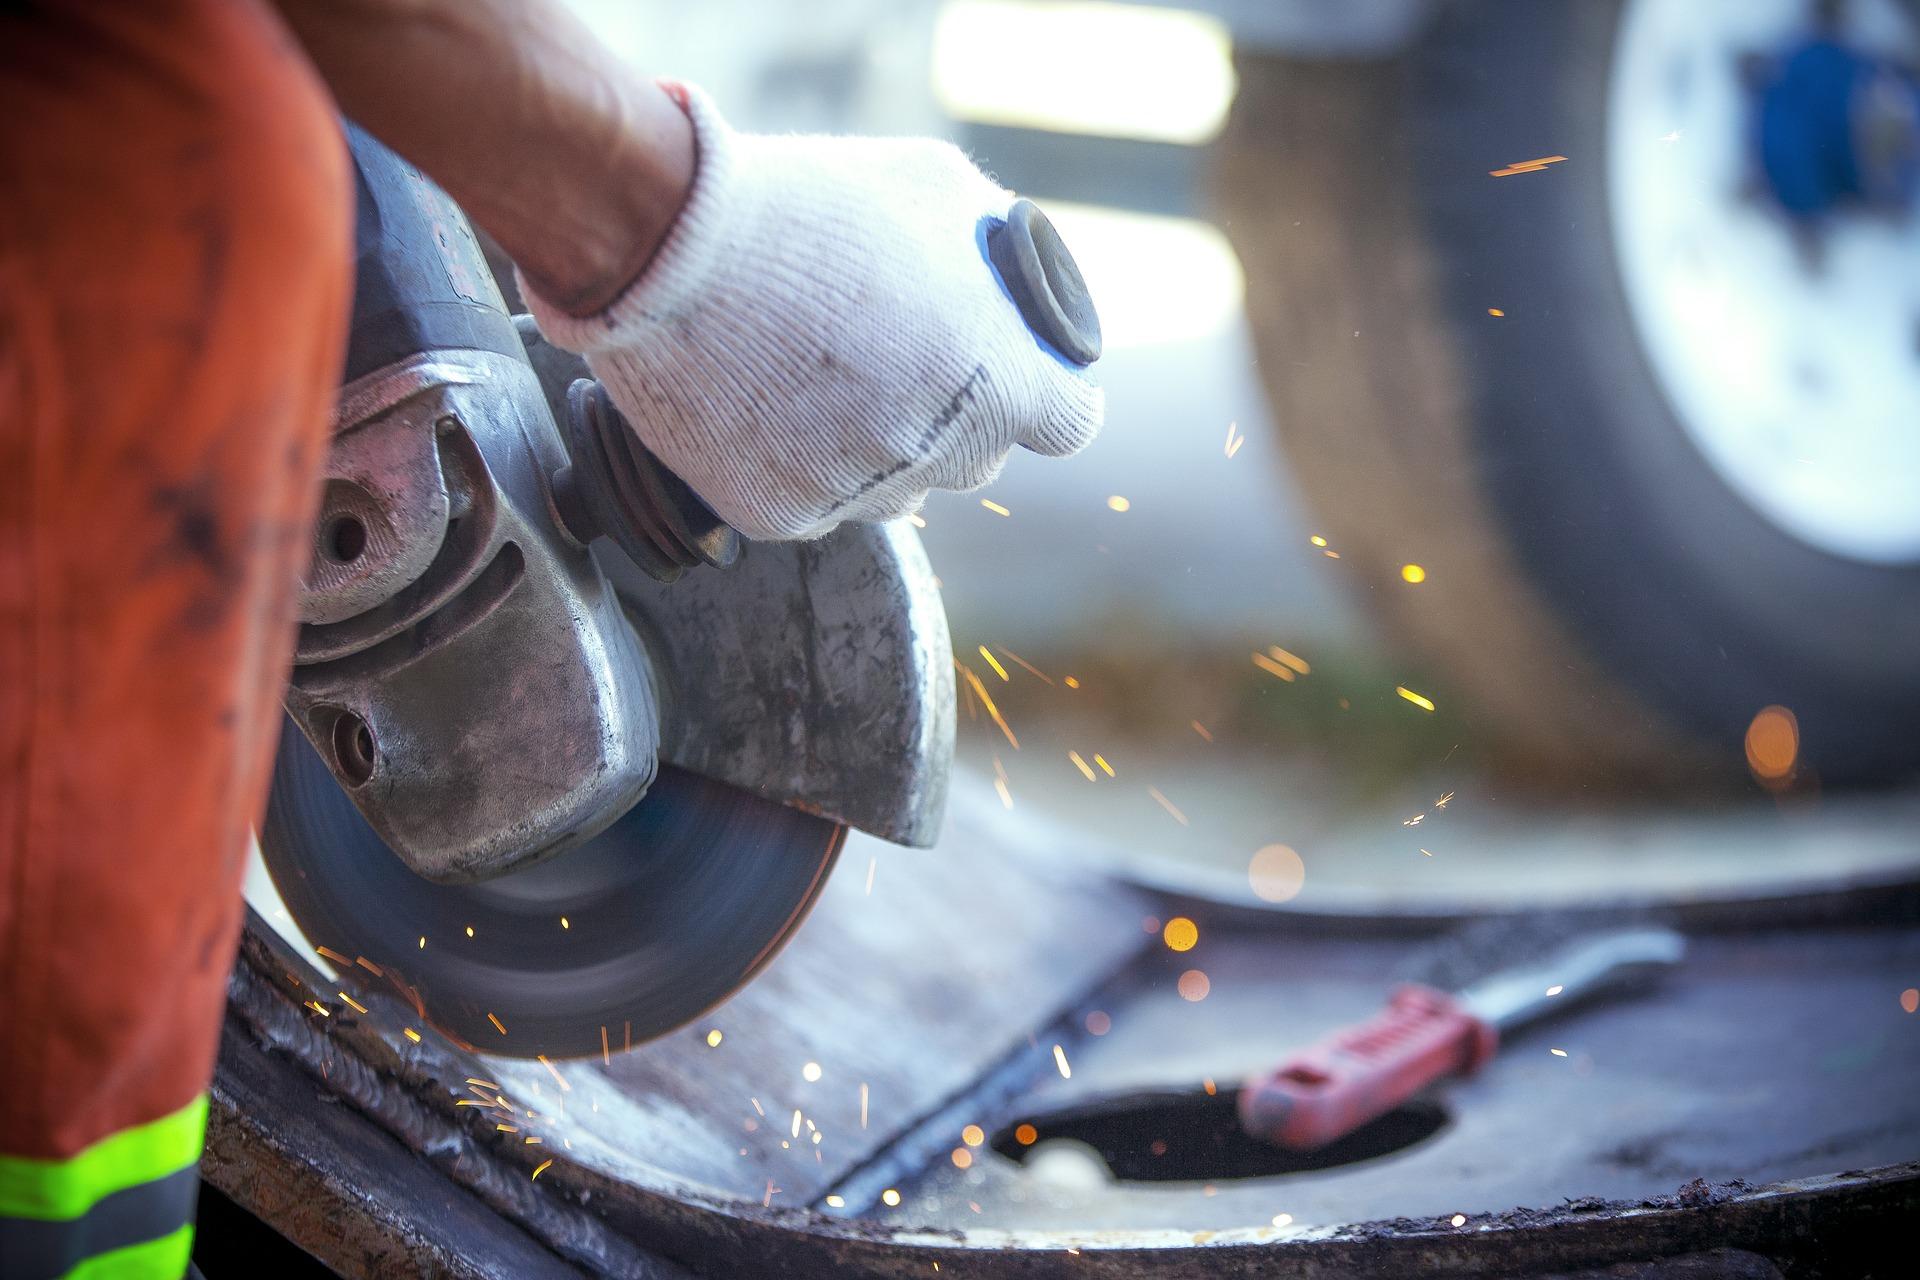 Detalle de un trabajador en un taller mecánico - Drexmin